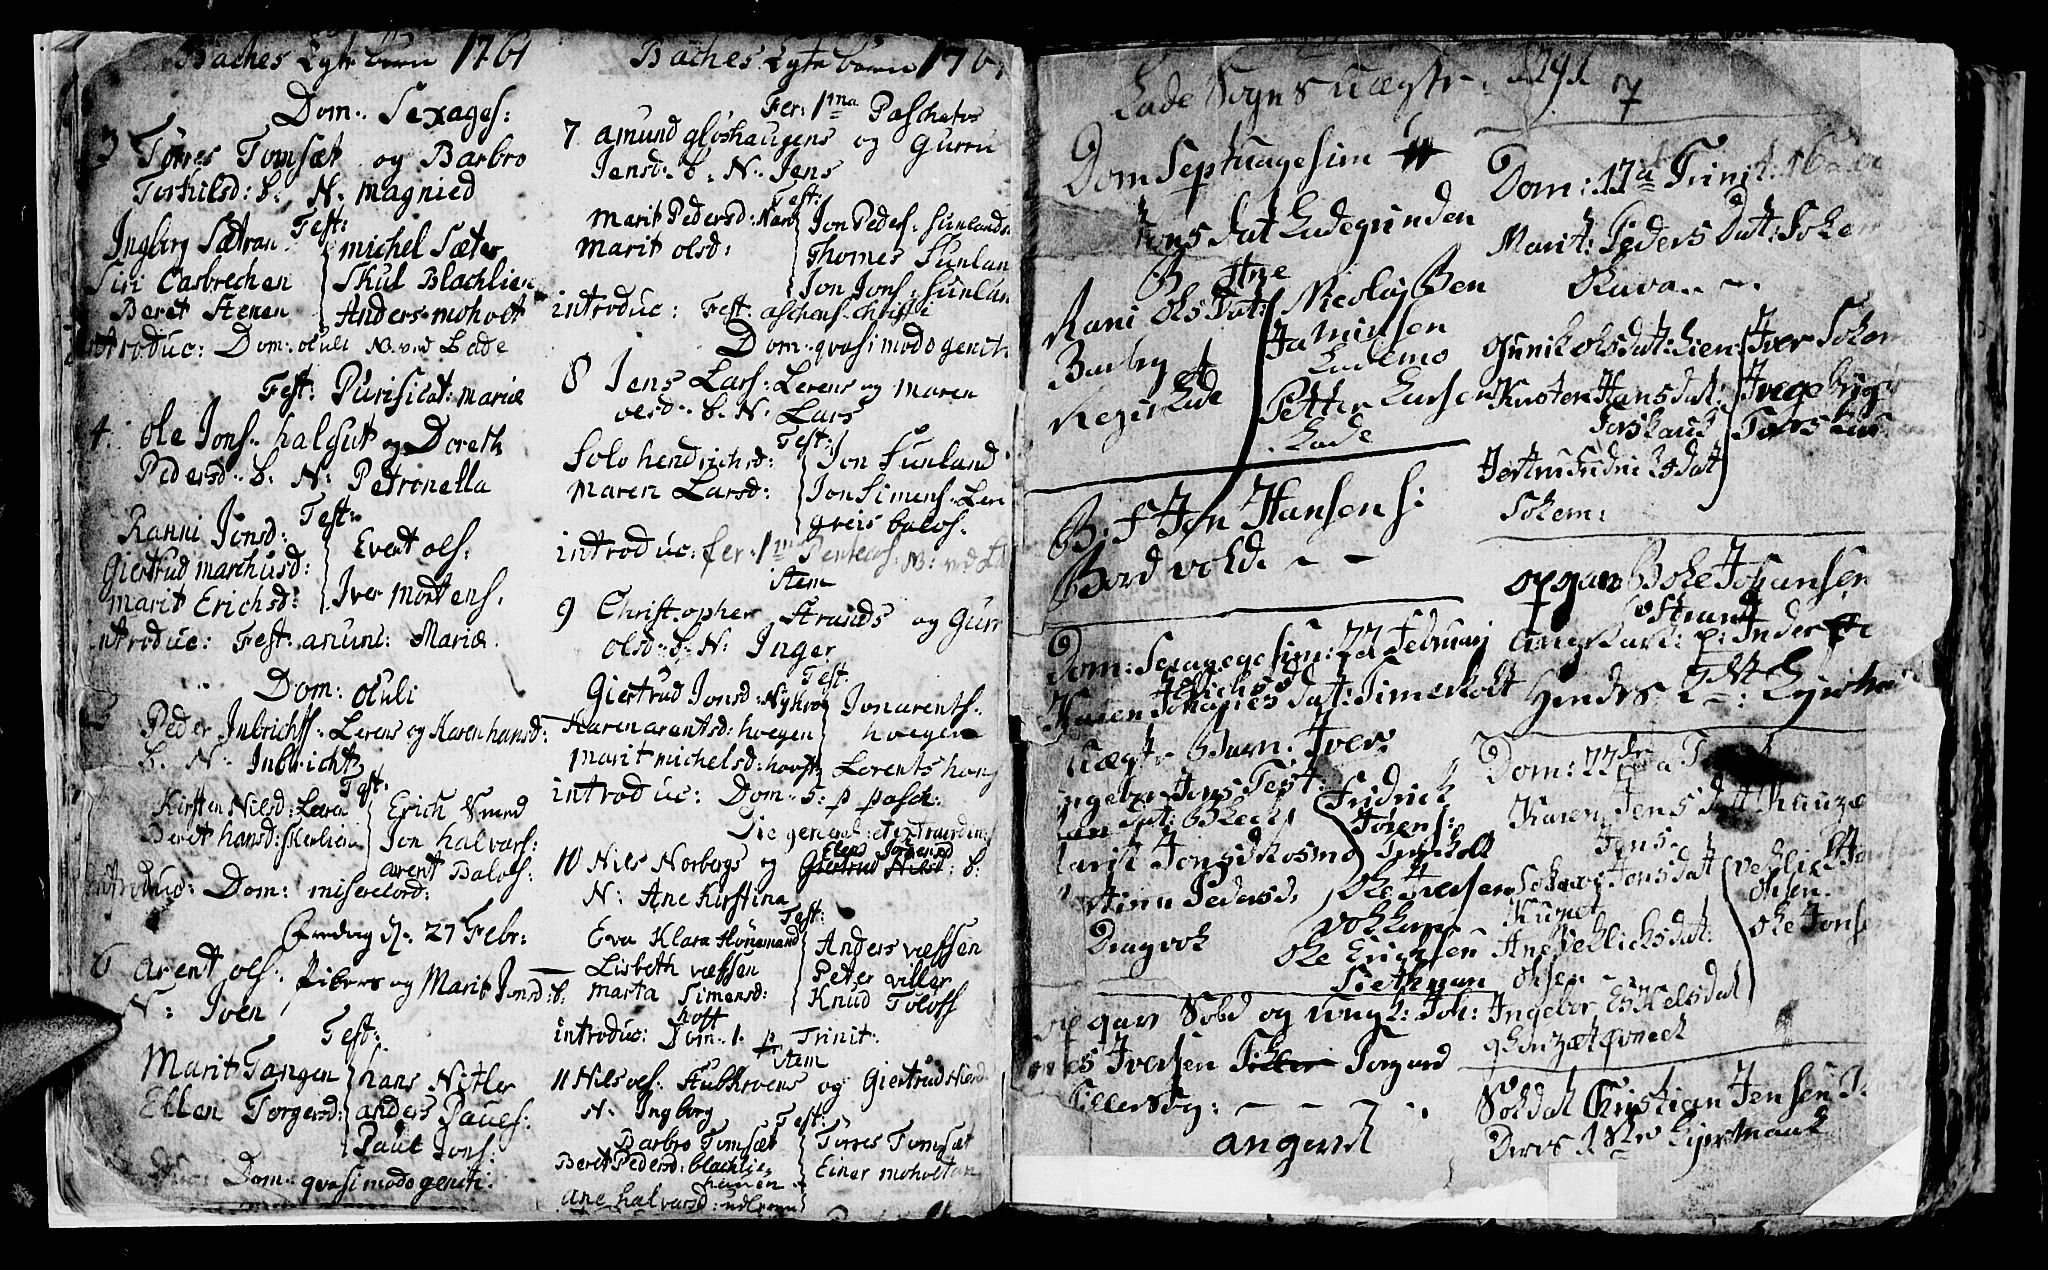 SAT, Ministerialprotokoller, klokkerbøker og fødselsregistre - Sør-Trøndelag, 604/L0218: Klokkerbok nr. 604C01, 1754-1819, s. 7